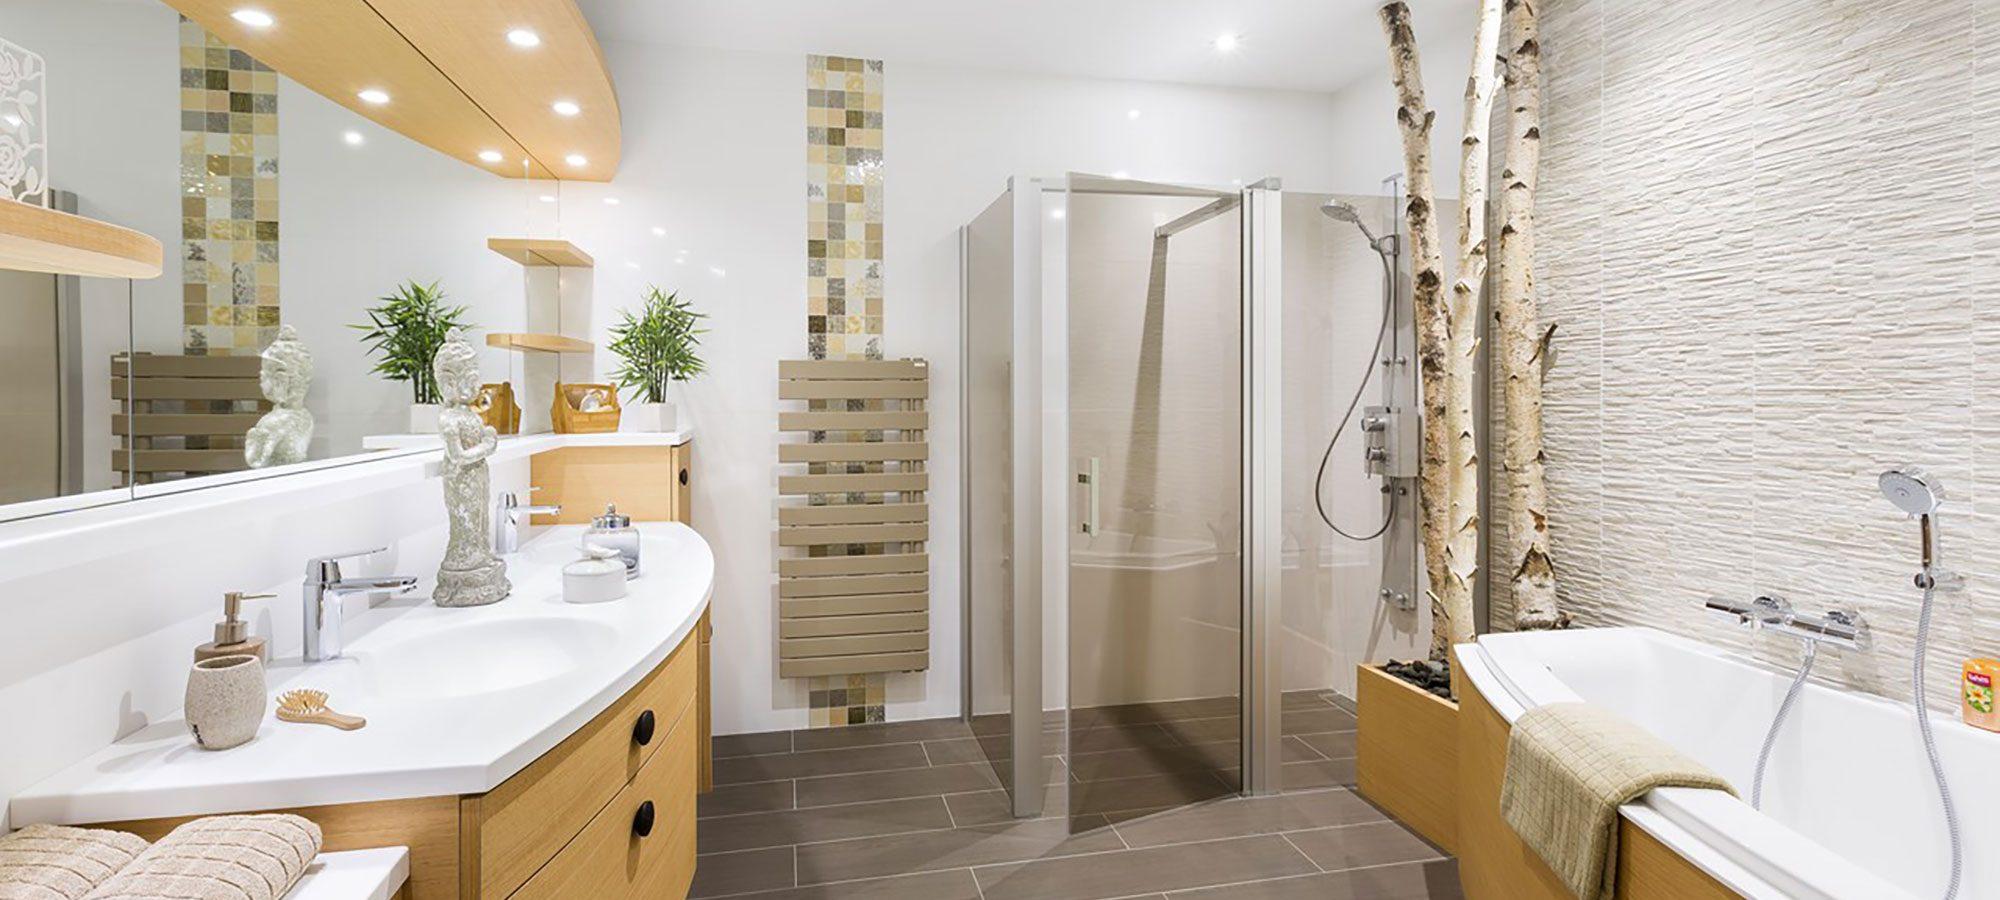 Créations Gravouille - Salle de bains sur mesure dans le 44